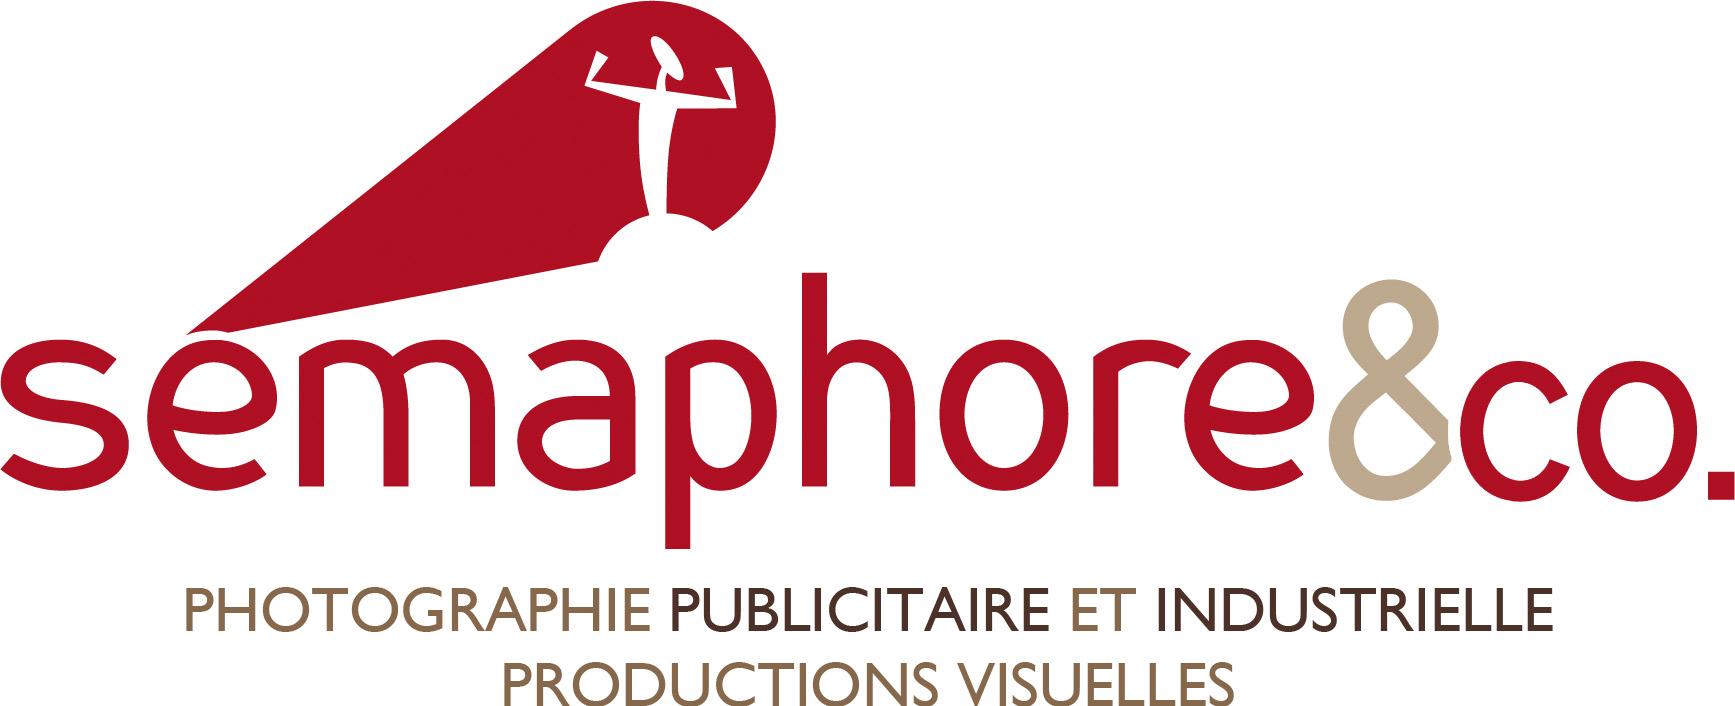 Semaphore&Co